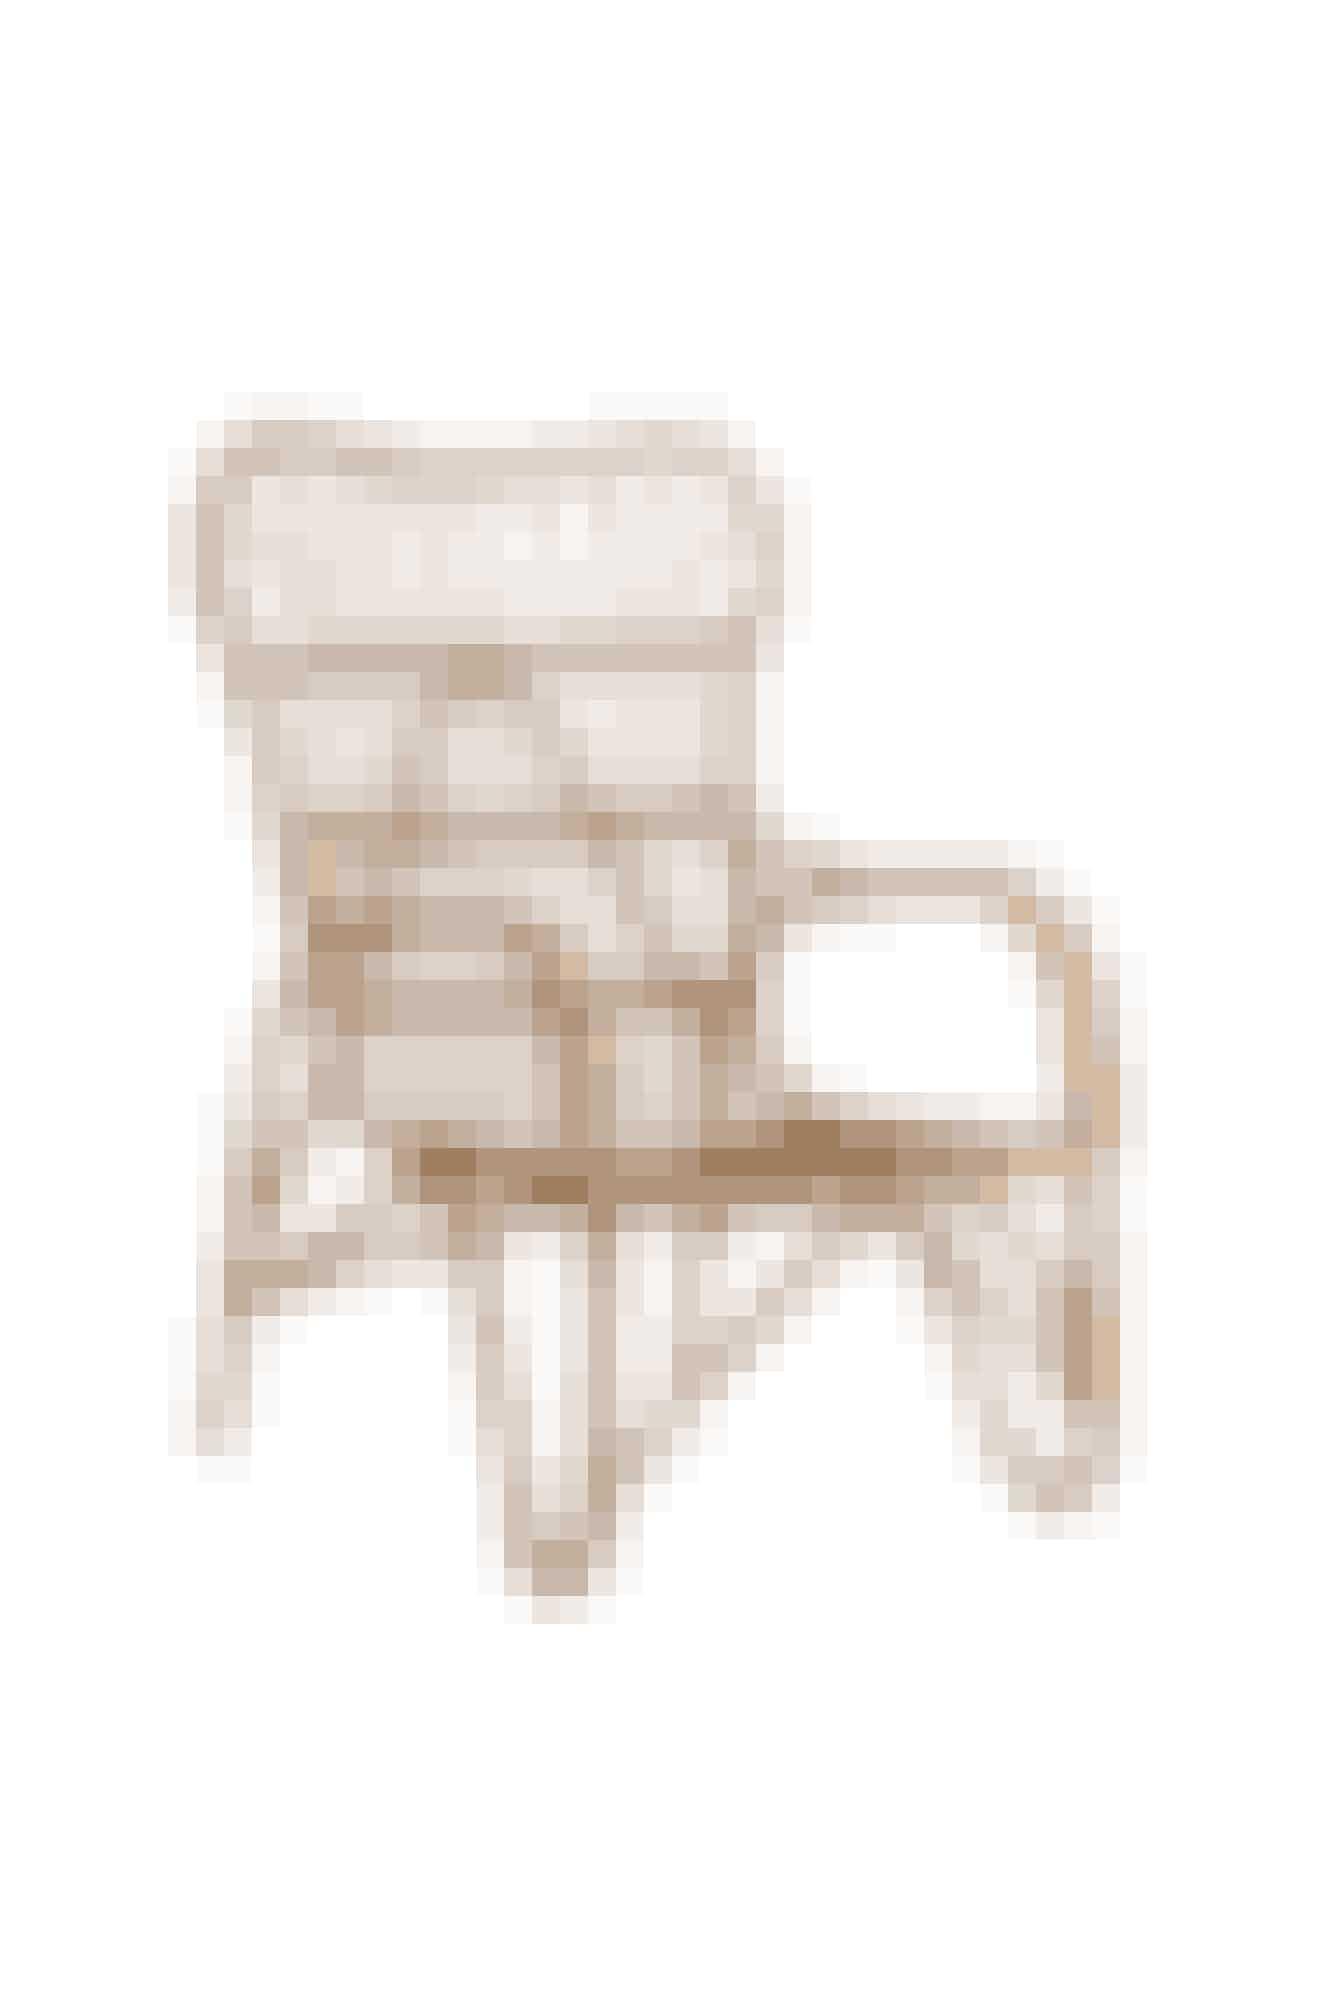 Lænestol af rotting, H 102 cm. Køb den her!